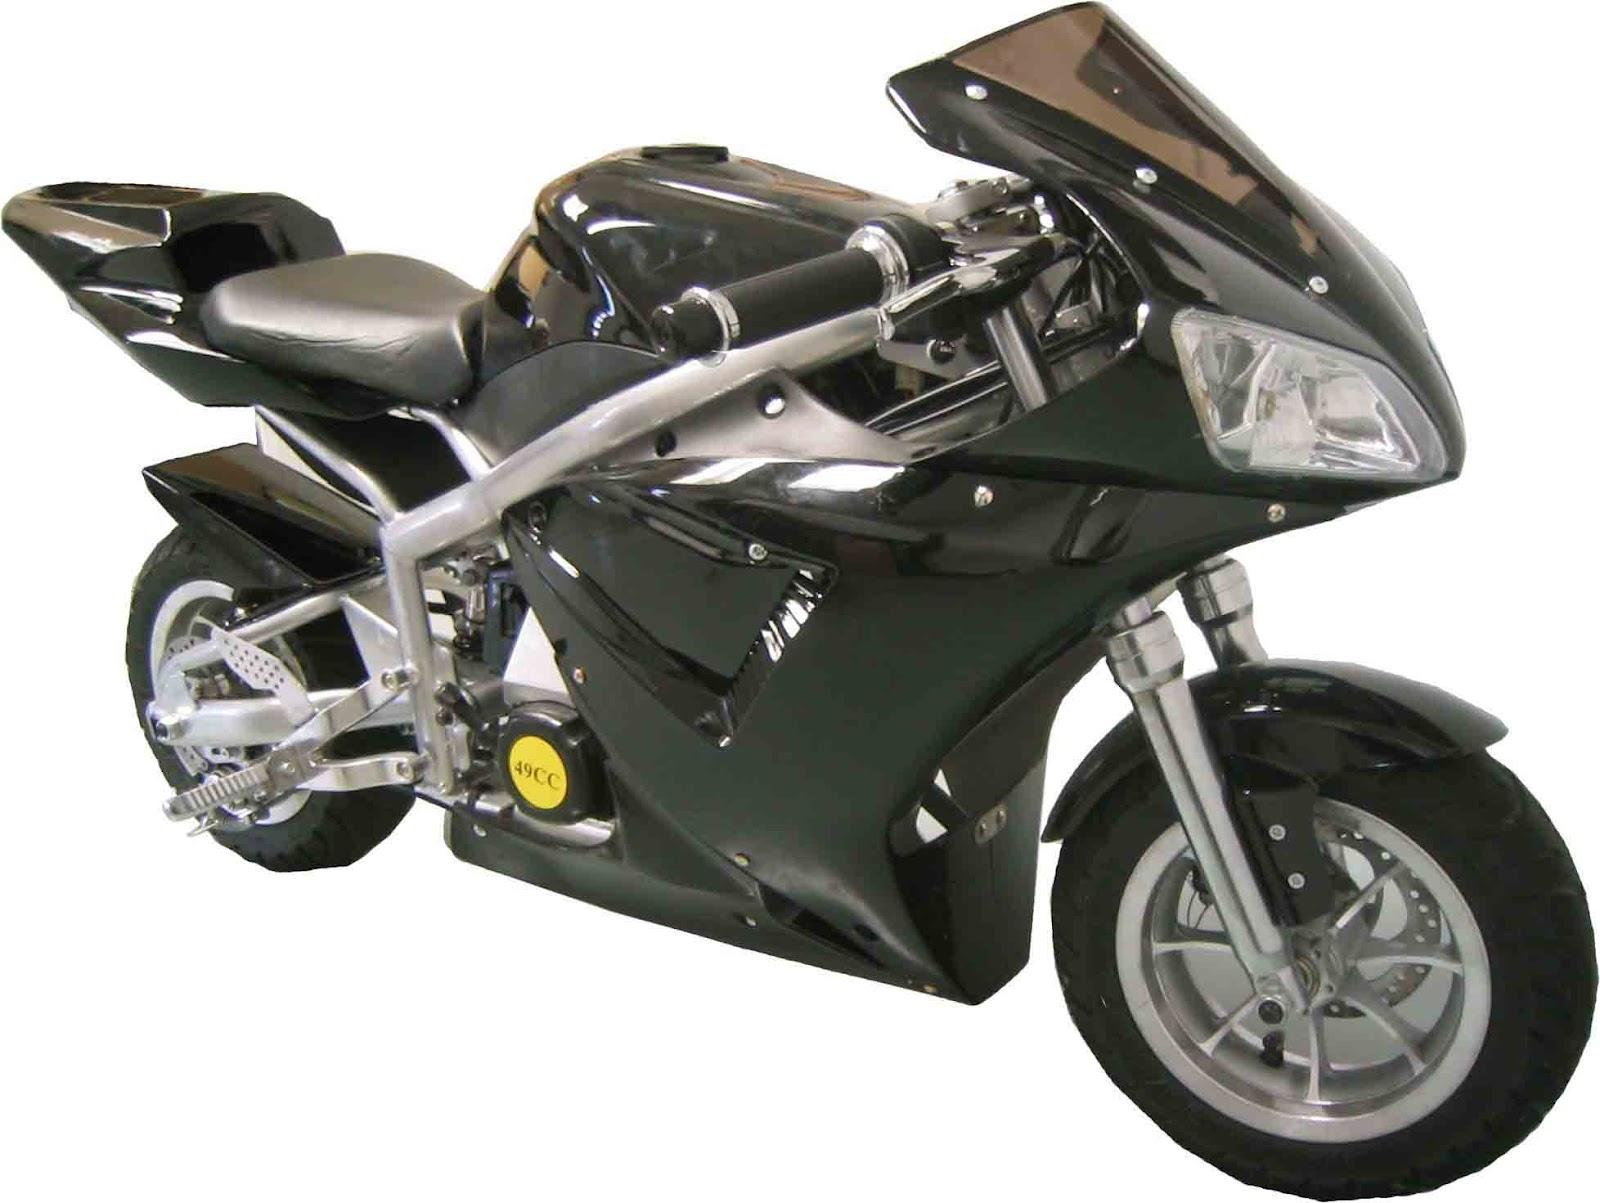 Super bike used super pocket bikes for sale used super pocket bikes for sale sciox Images